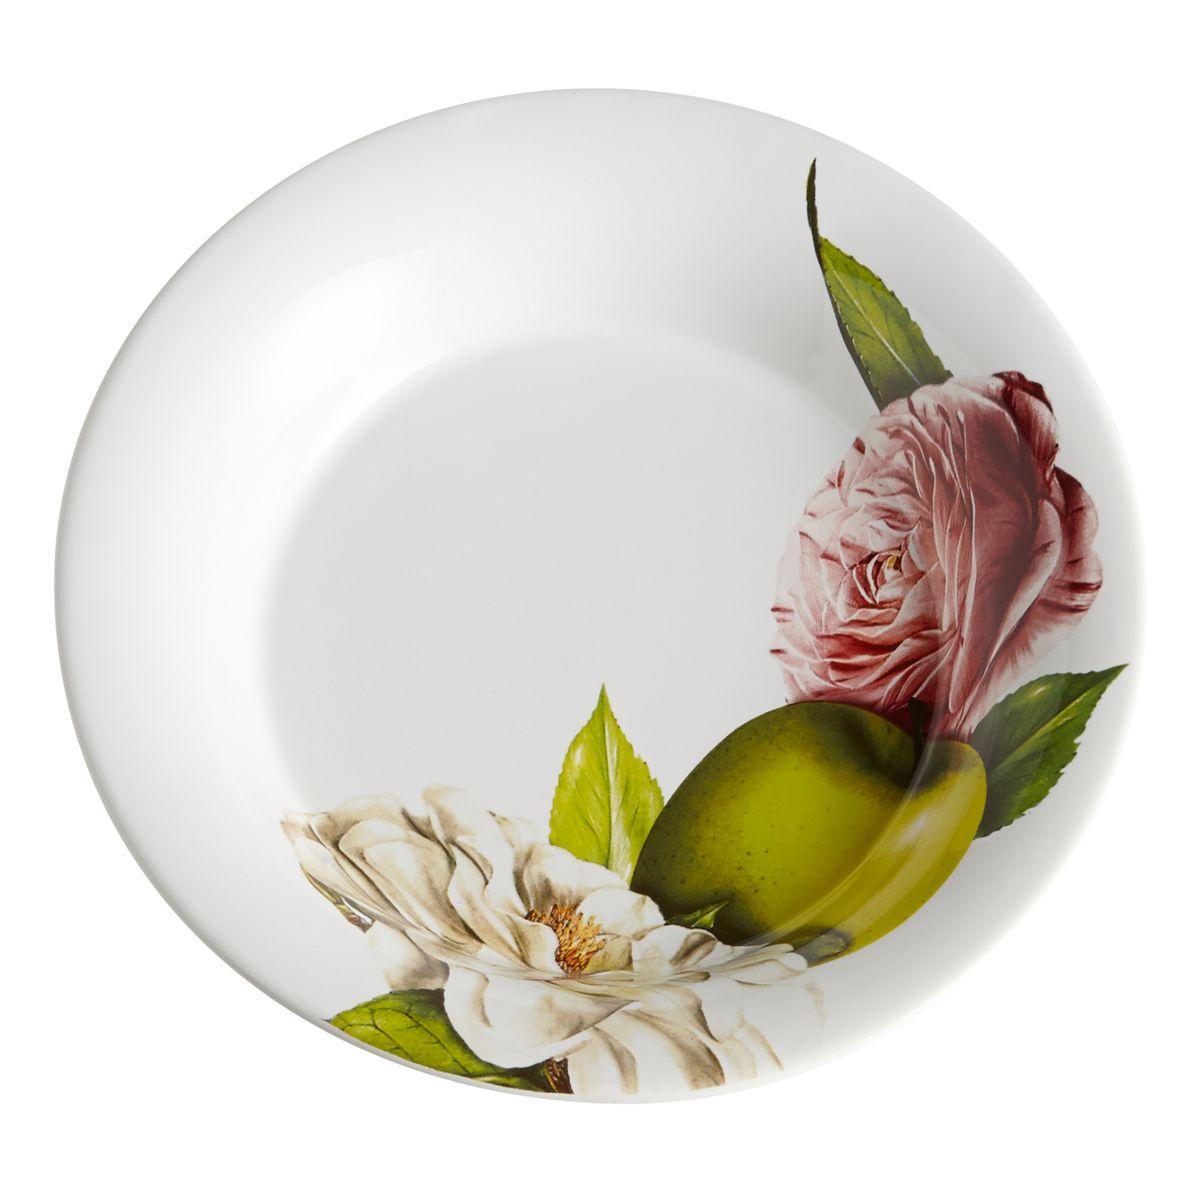 Тарелка суповая Яблоки и камелии. CV2-4822.2-ALCV2-4822.2-ALКерамическая посуда итальянской фабрики «Ceramiche Viva» известна не только своим превосходным качеством, но и удивительными, неповторимыми дизайнами, отличающими ее от любой другой керамической посуды.Помимо внешней привлекательности посуда «Ceramiche Viva» обладает и прекрасными практическими свойствами: посуду «Ceramiche Viva» можно мыть в посудомоечной машине и использовать в микроволновой печи. Не разрешается применять при мытье посуды абразивные порошки. Поверхность изделий покрыта высококачественной глазурью, не содержащей свинца.